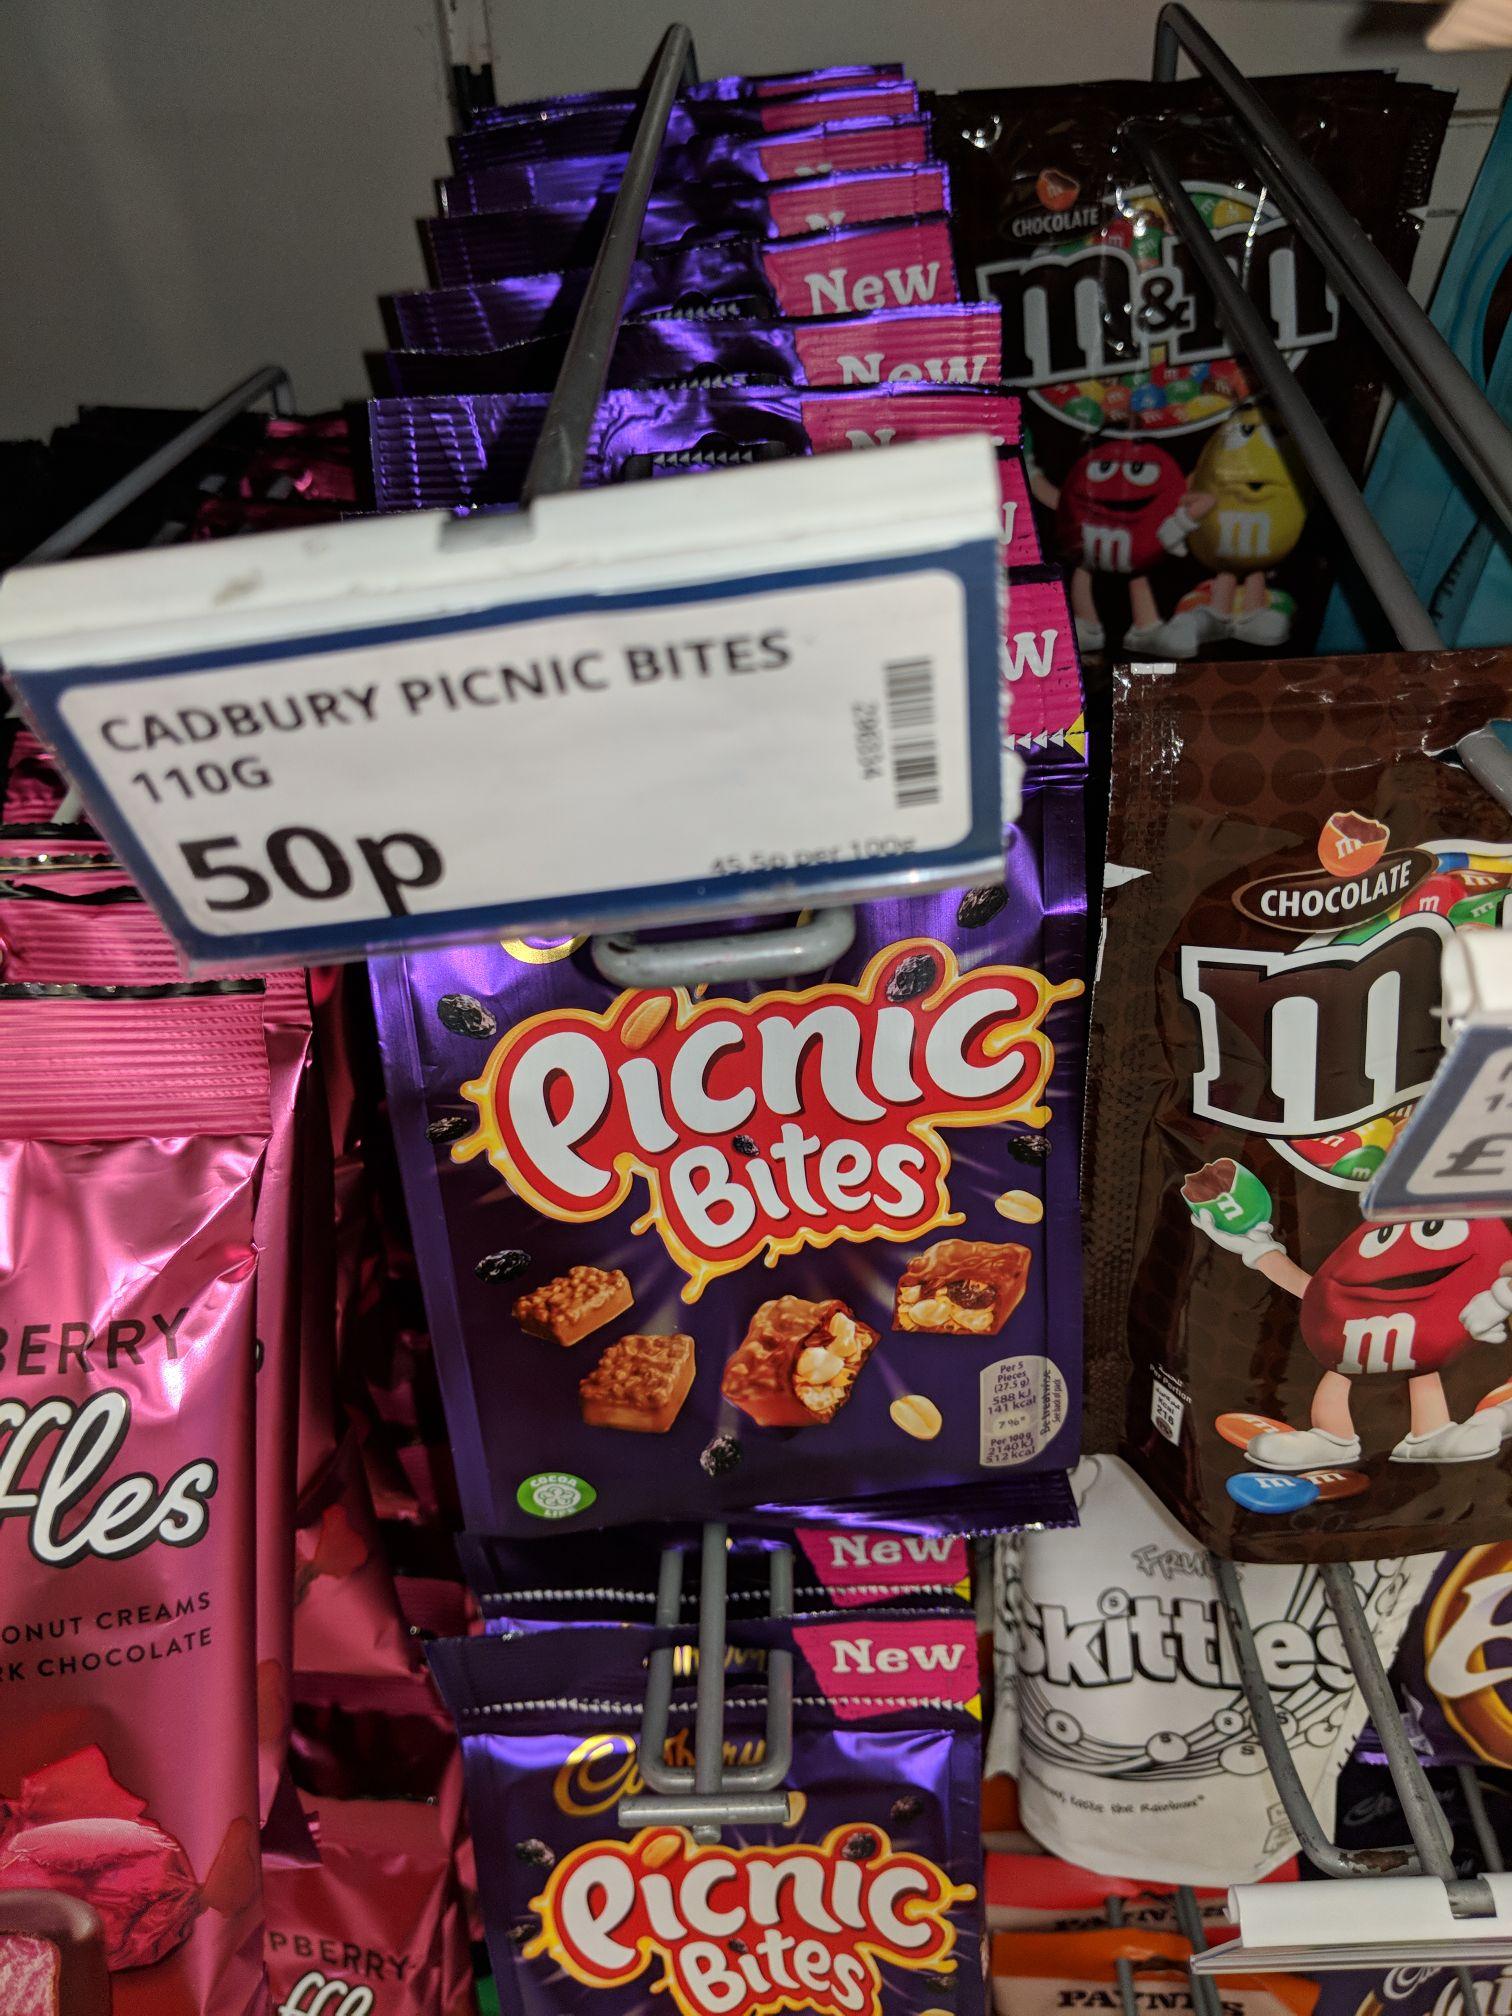 Cadbury Picnic Bites 110g Bag 50p @ poundstretcher